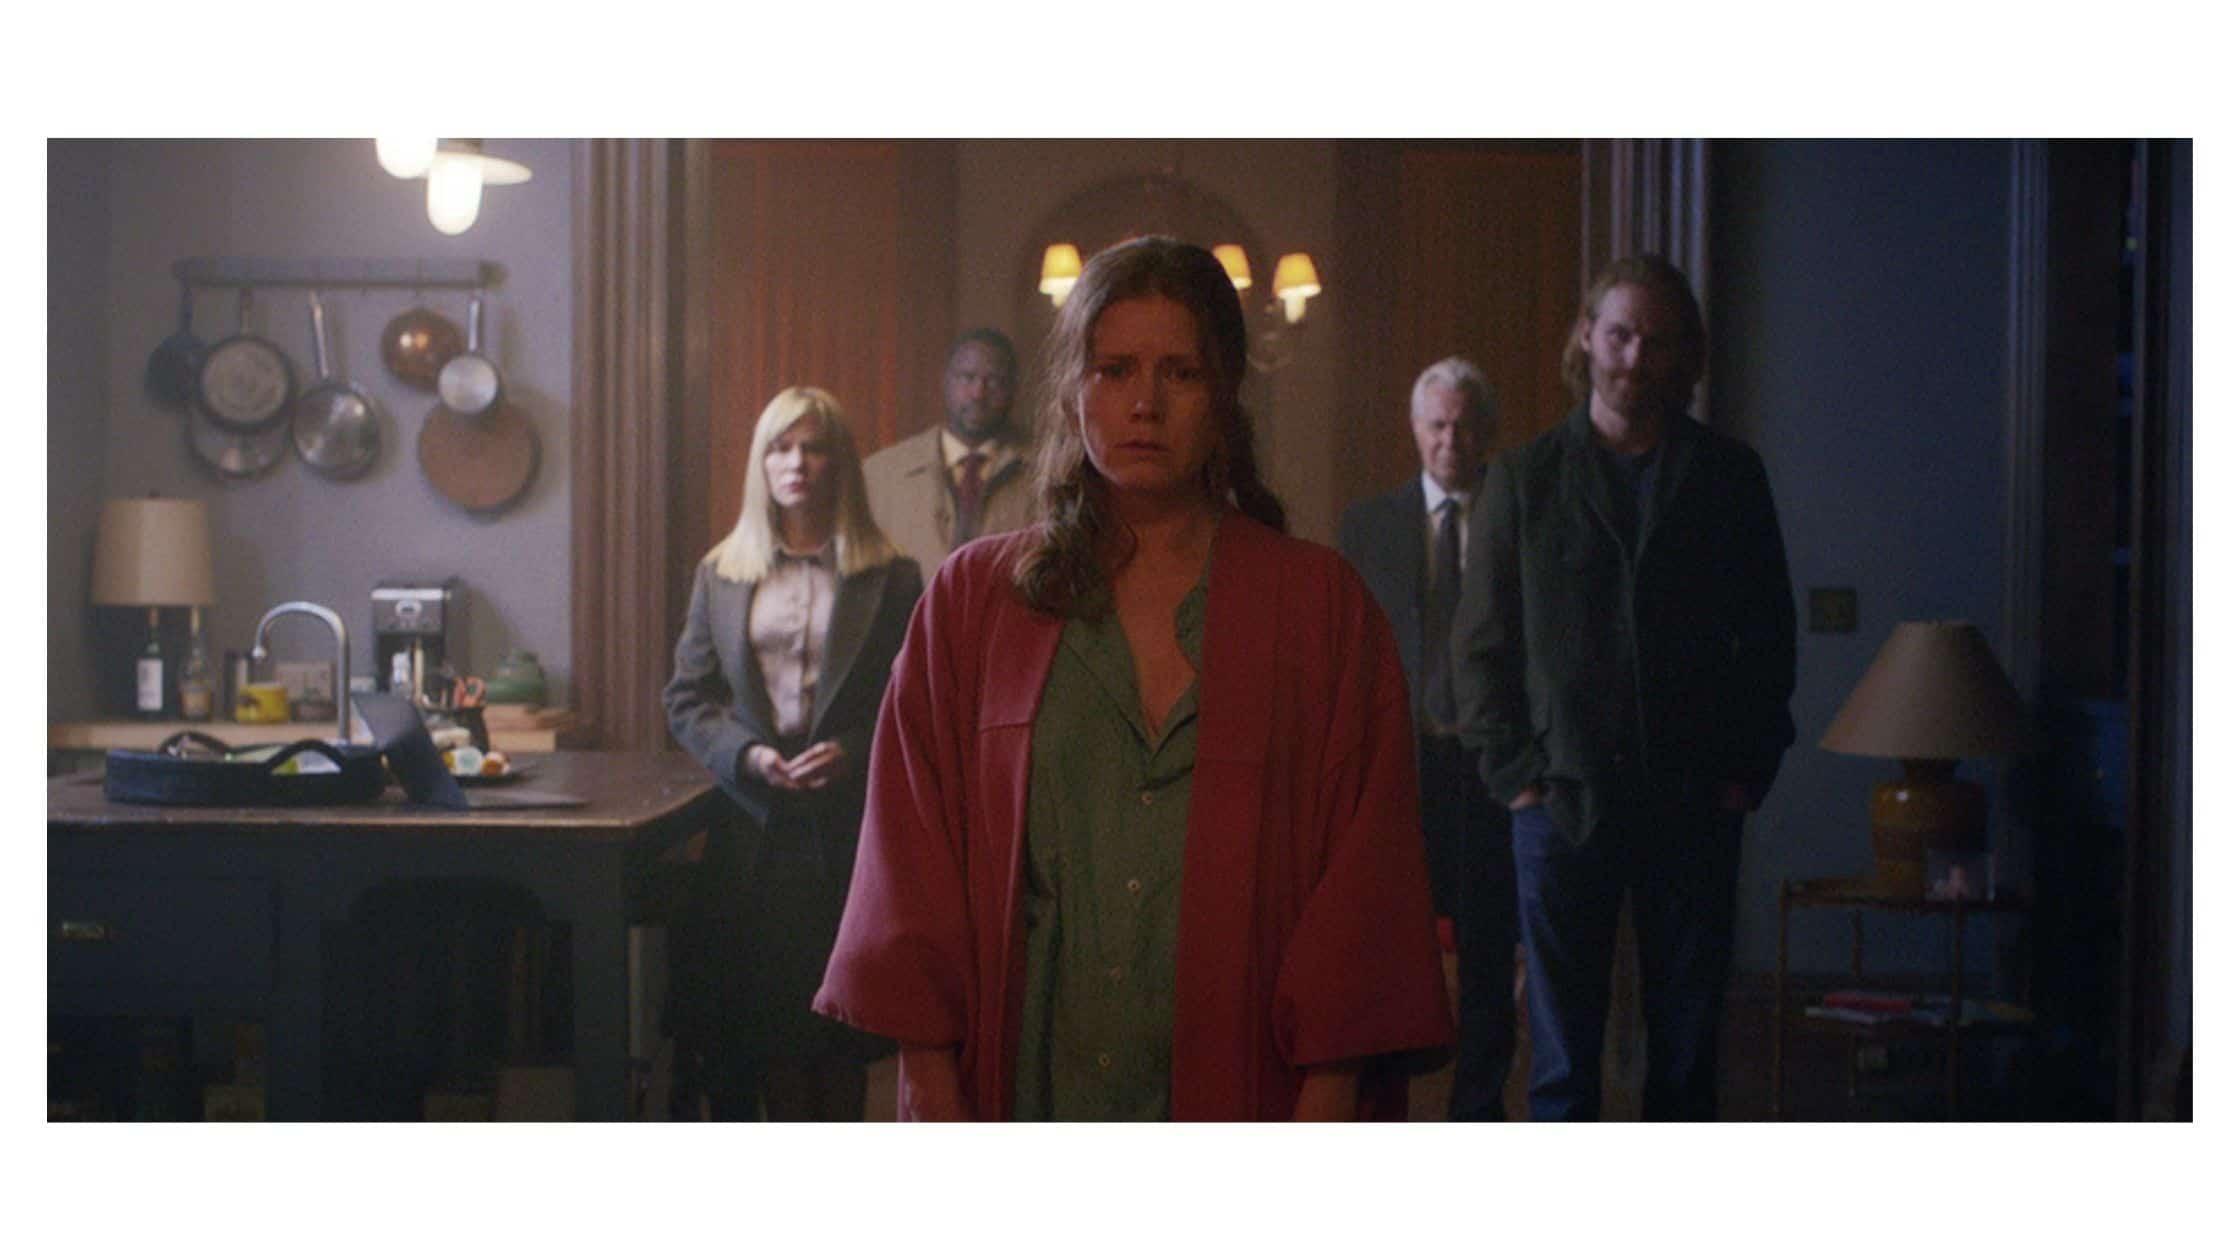 Analisi-genere-thriller-psicologico-film-Netflix-la-donna-alla-finestra-blog-il-Biondino-della-Spider-Rossa-Crimine-Giustizia-Media-ProsMedia-Agenzia-Corte&Media